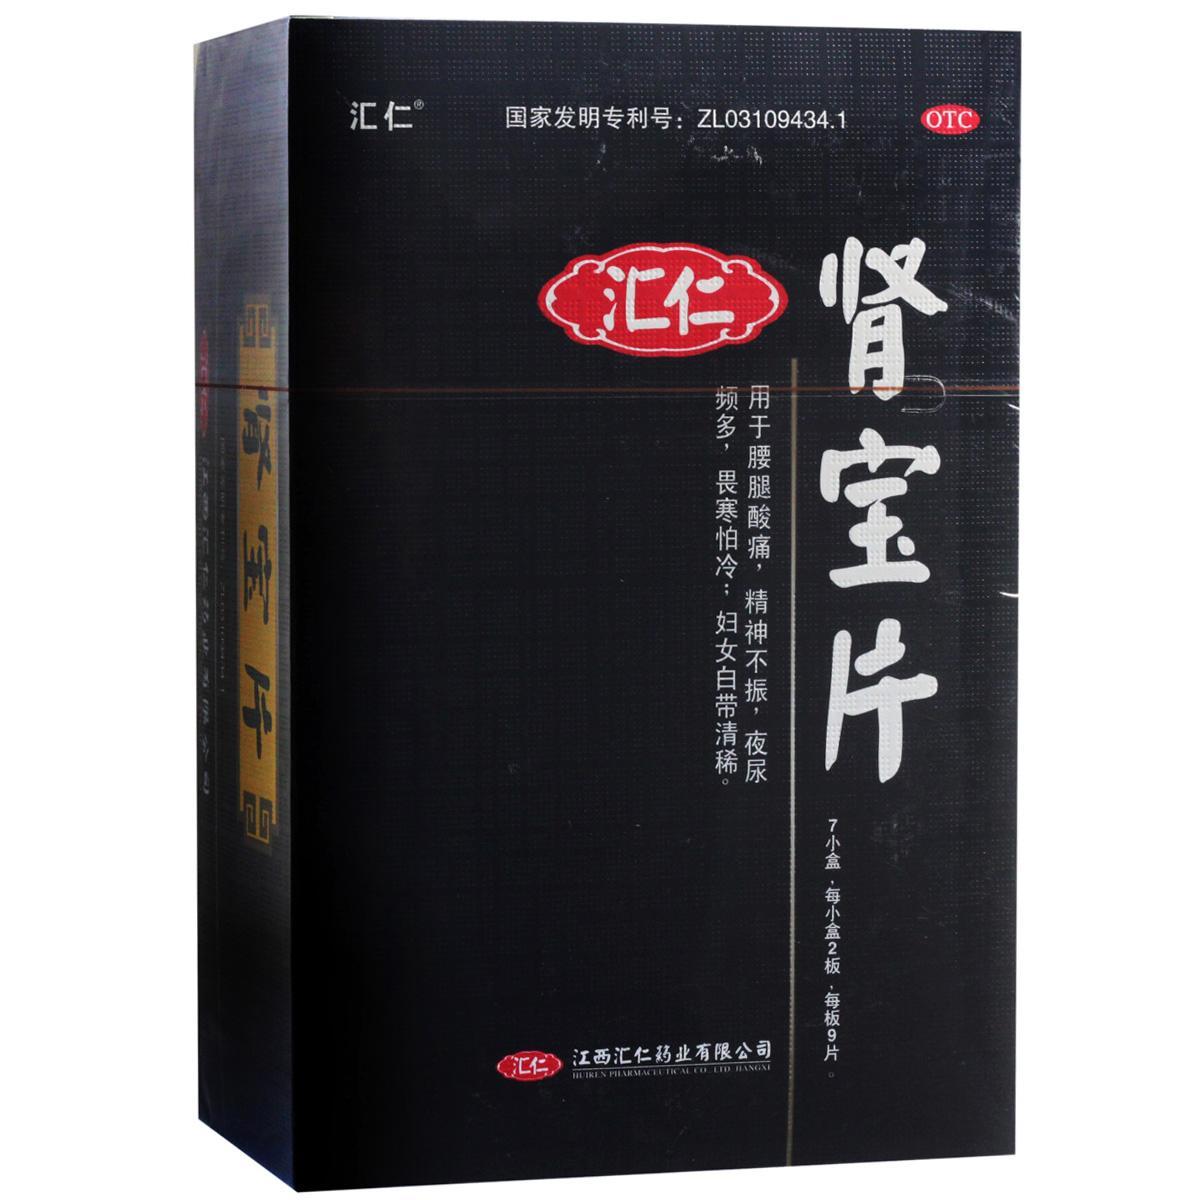 汇仁 肾宝片 0.7gx9片x14板/盒 江西汇仁药业有限公司